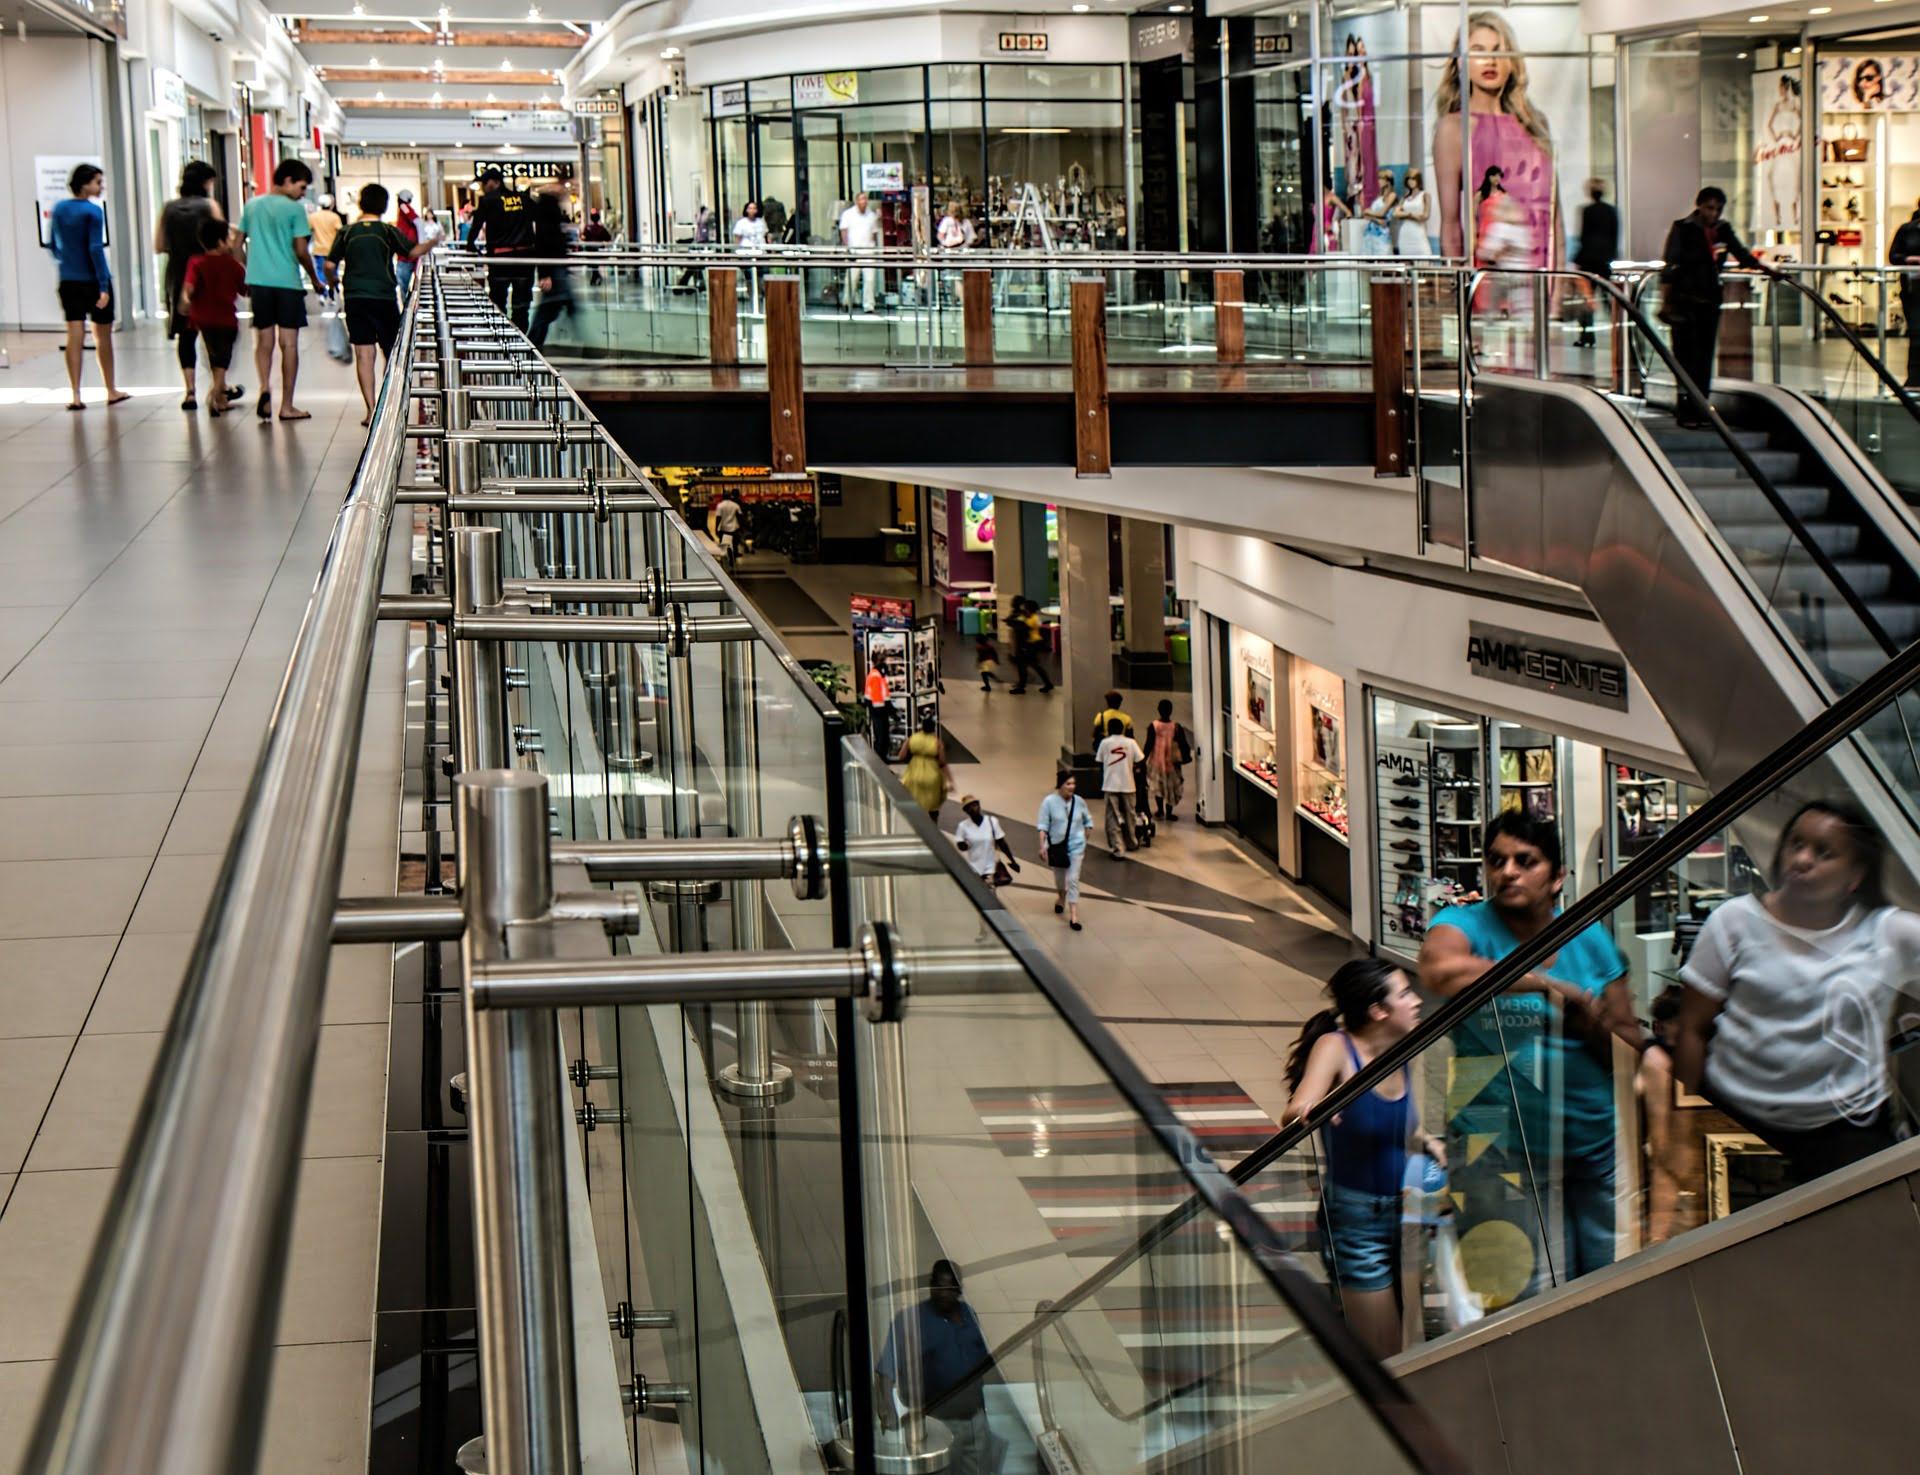 Koszt najmu w centrach handlowych obniżony o 90%